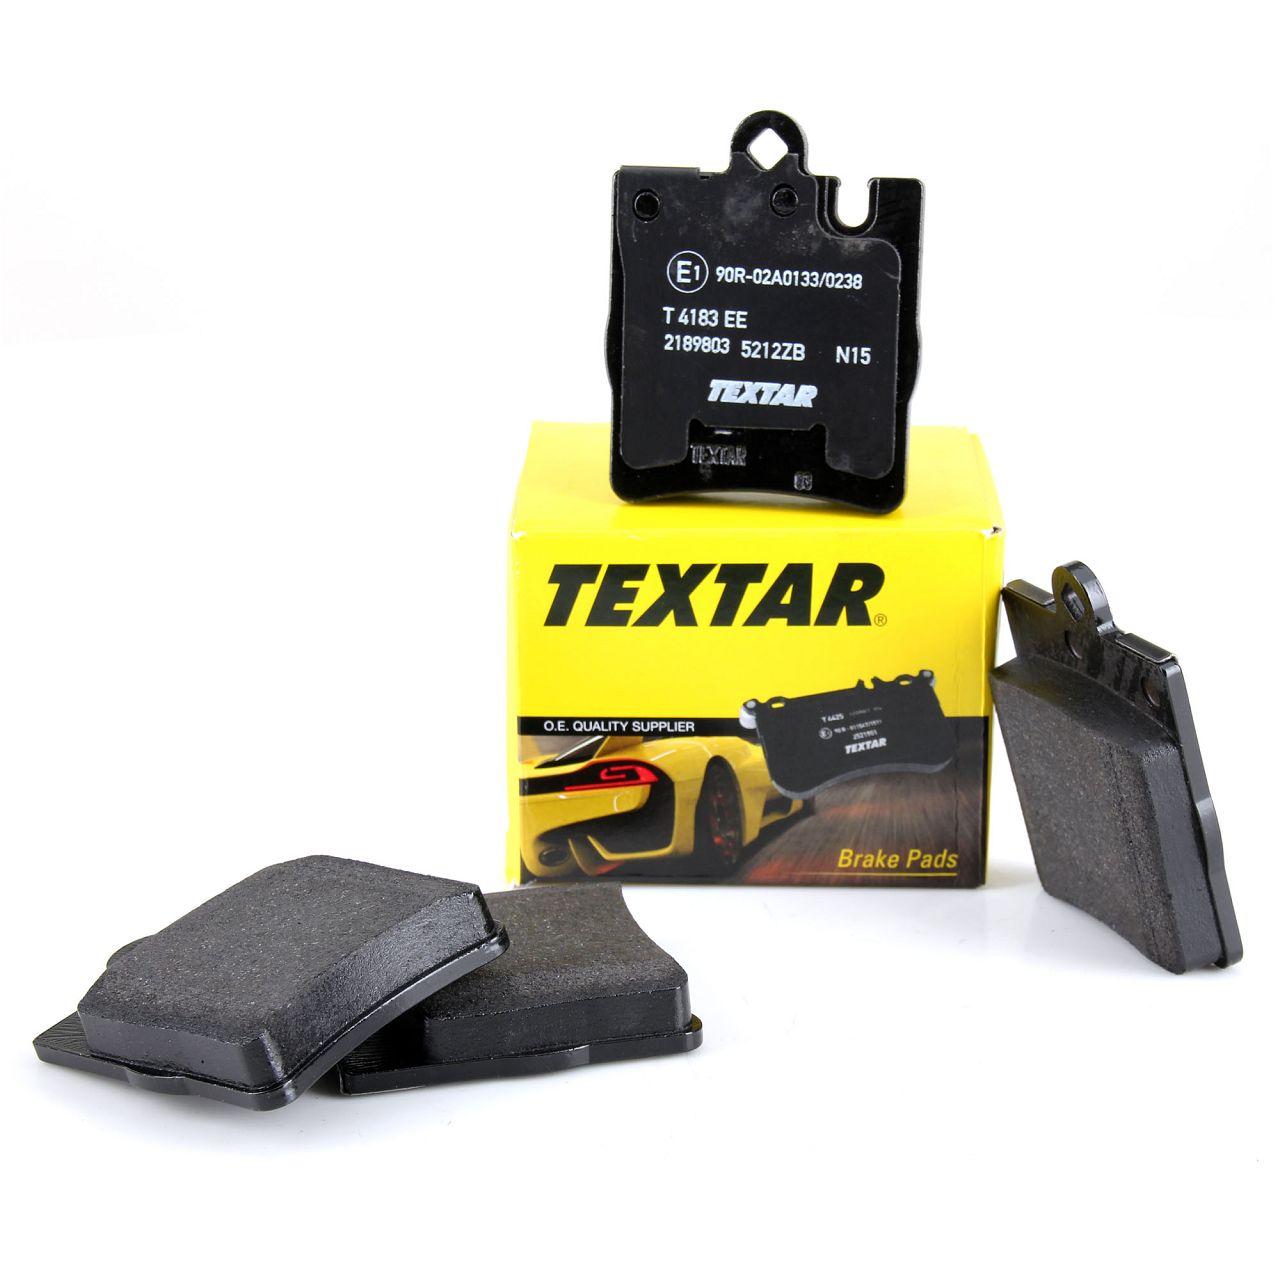 TEXTAR 2189803 Bremsbeläge MERCEDES W203 C208 C209 W210 R171 hinten 003420282041